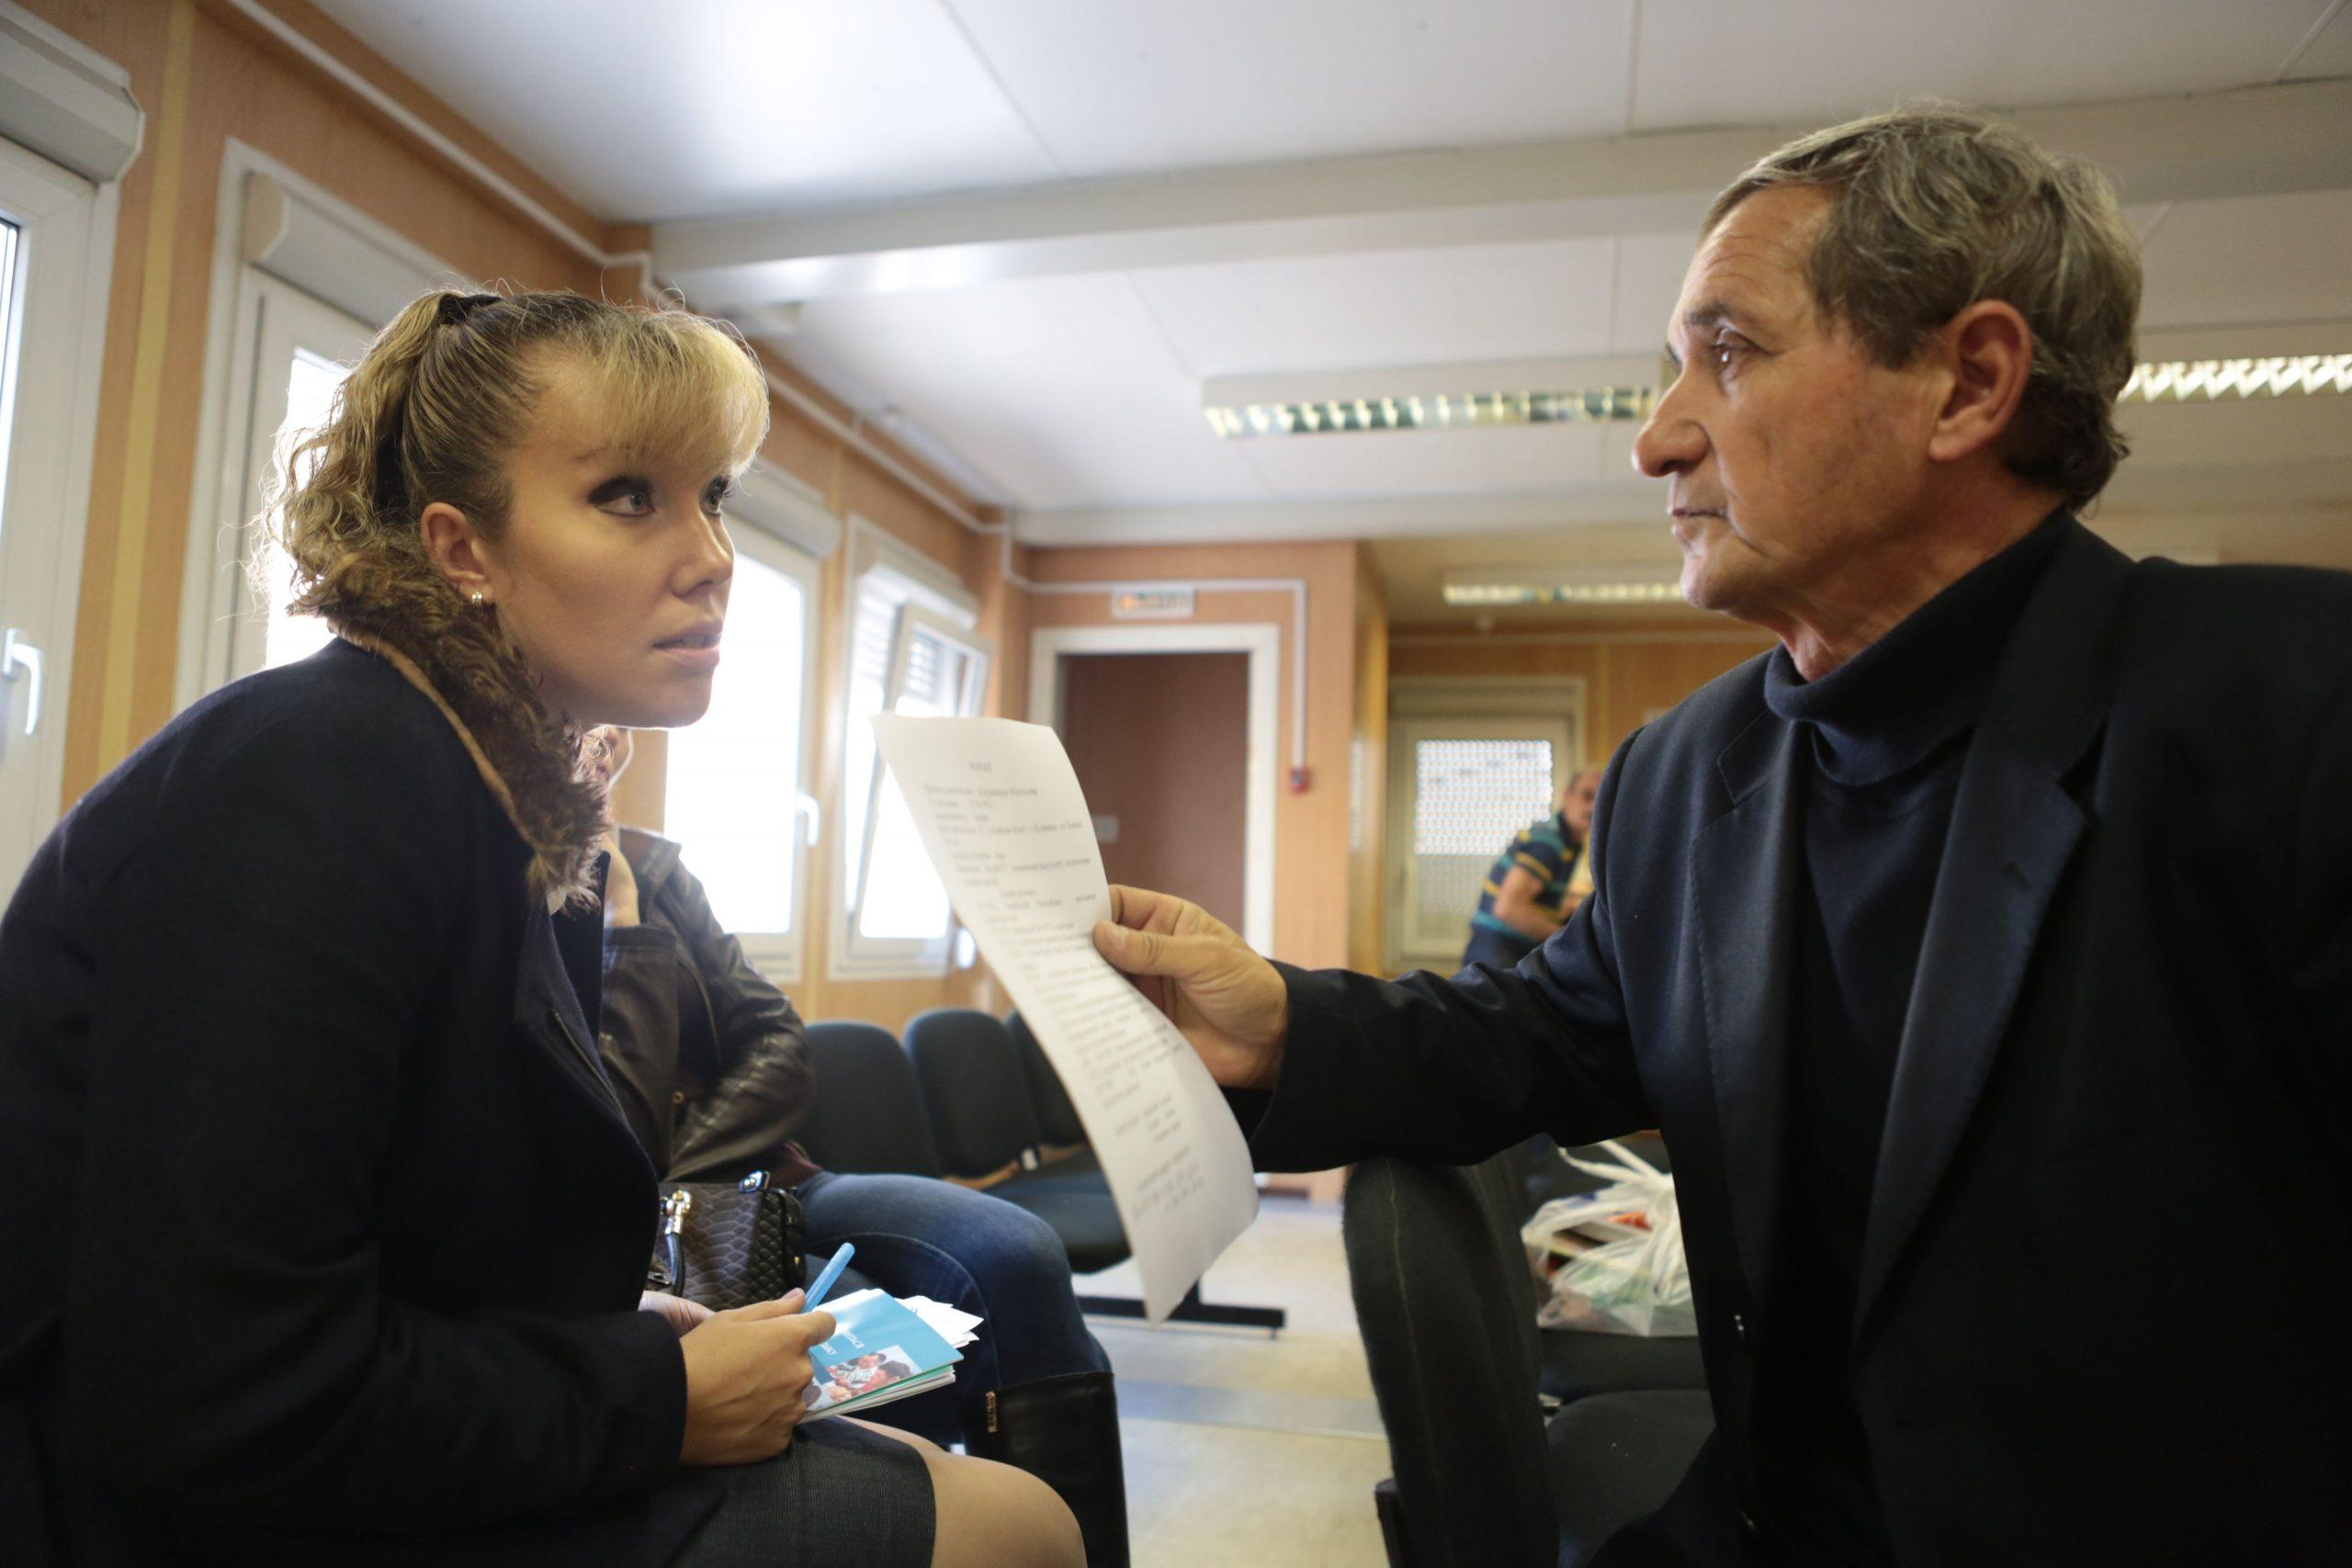 Бесплатный онлайн-курс для соискателей от 45 лет представили в «Технограде»